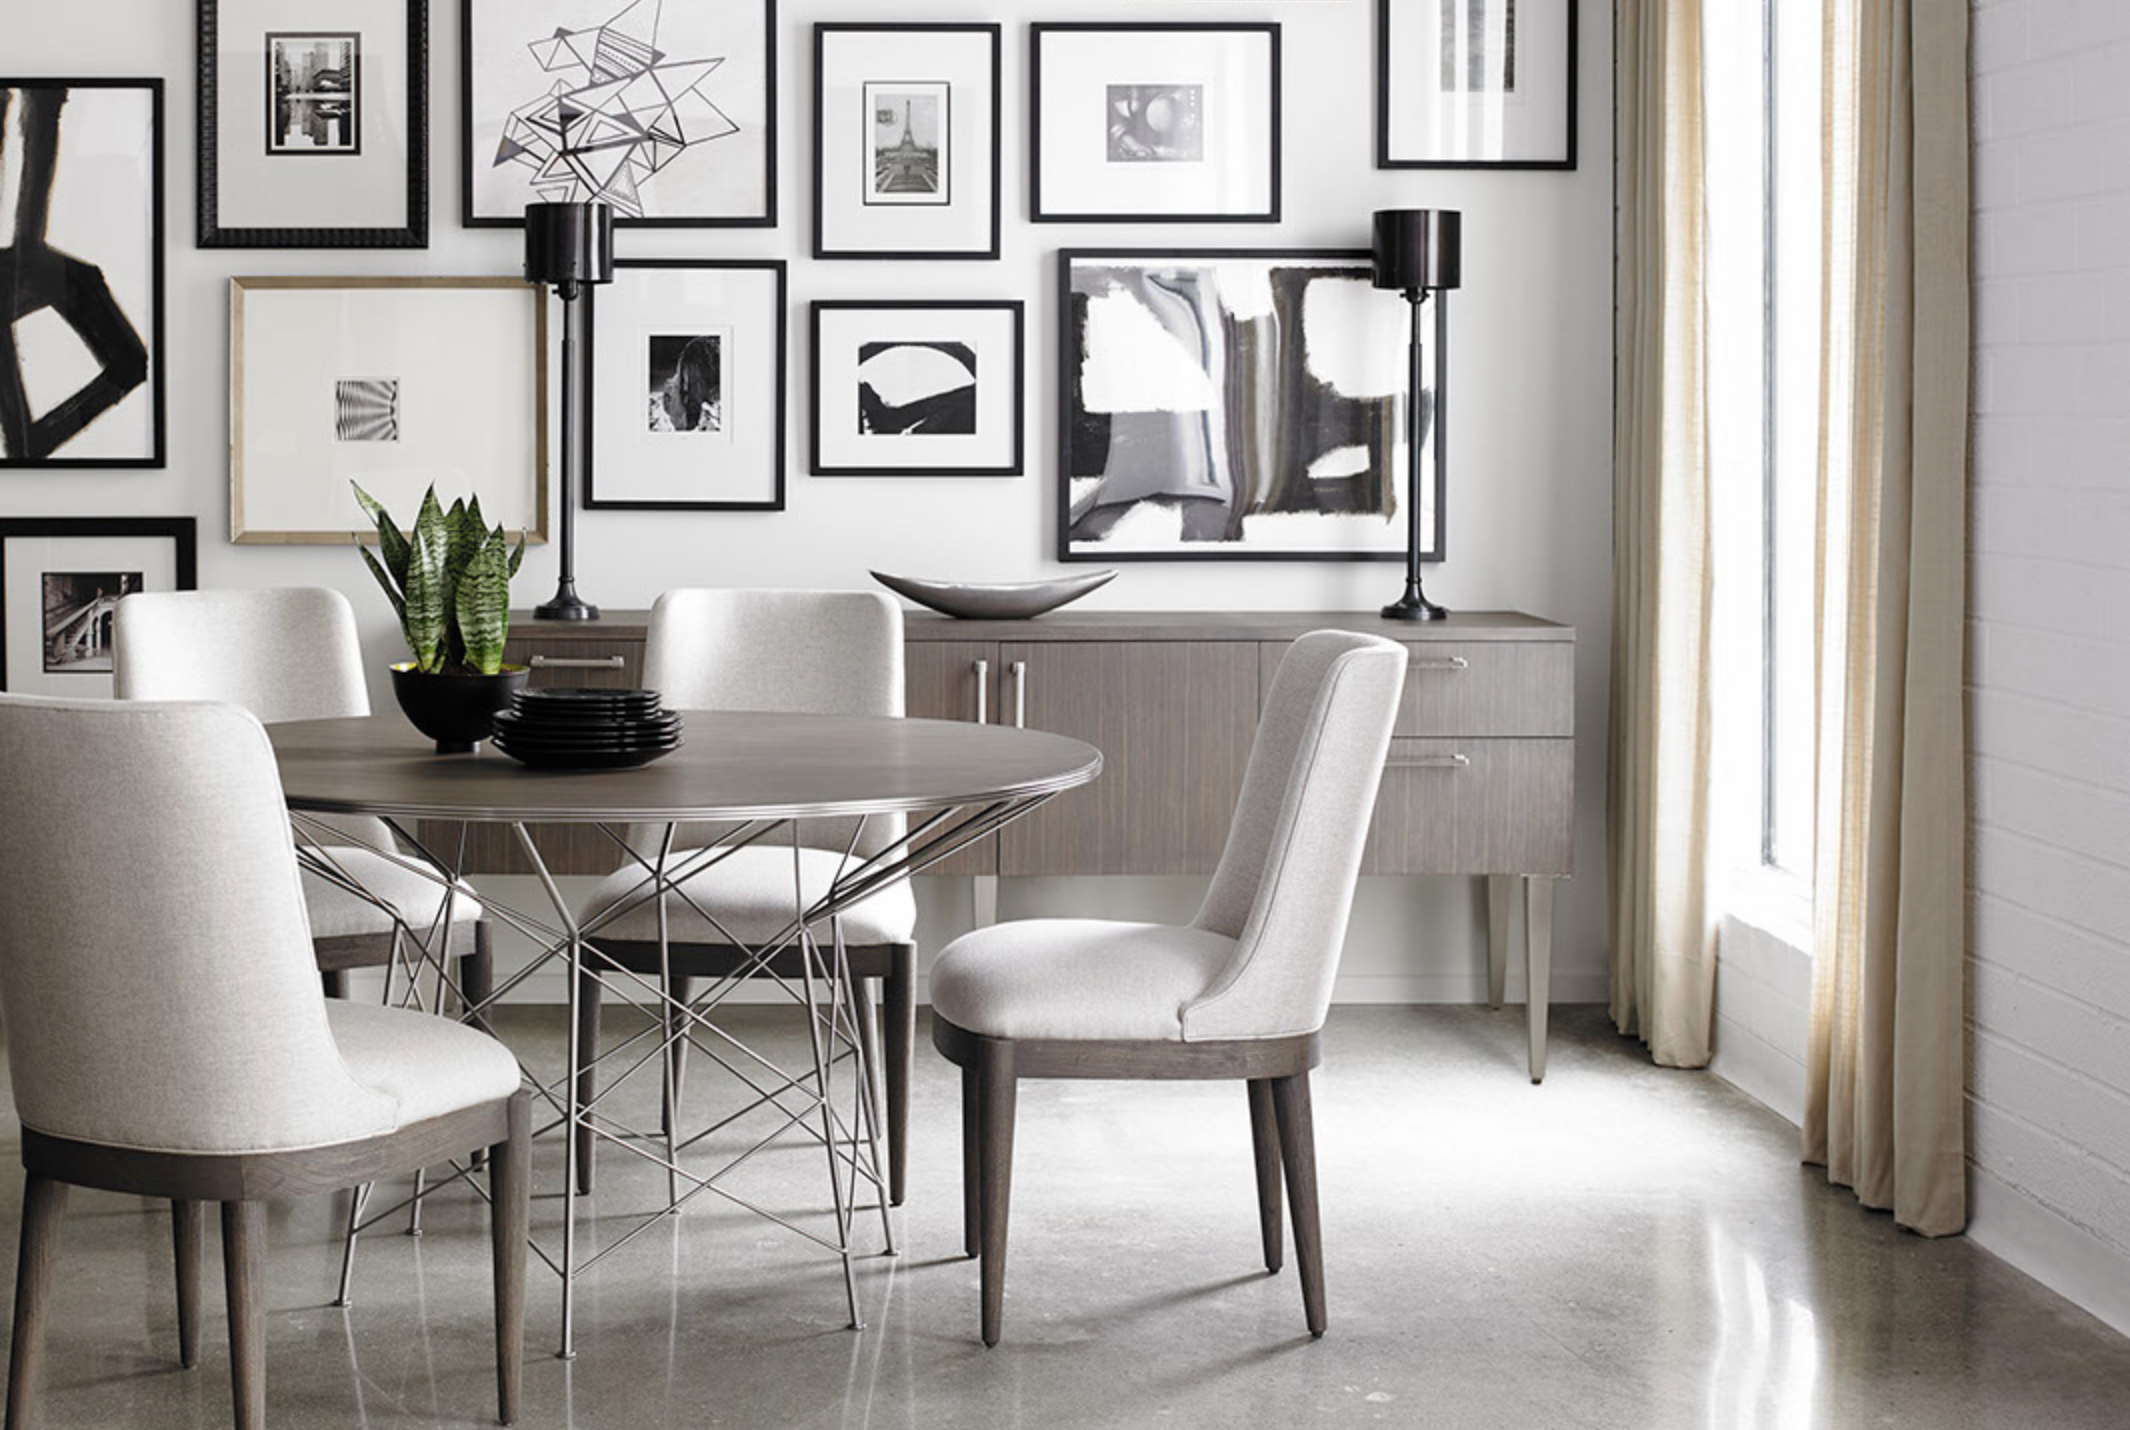 WO_Home Fashion_Furniture15